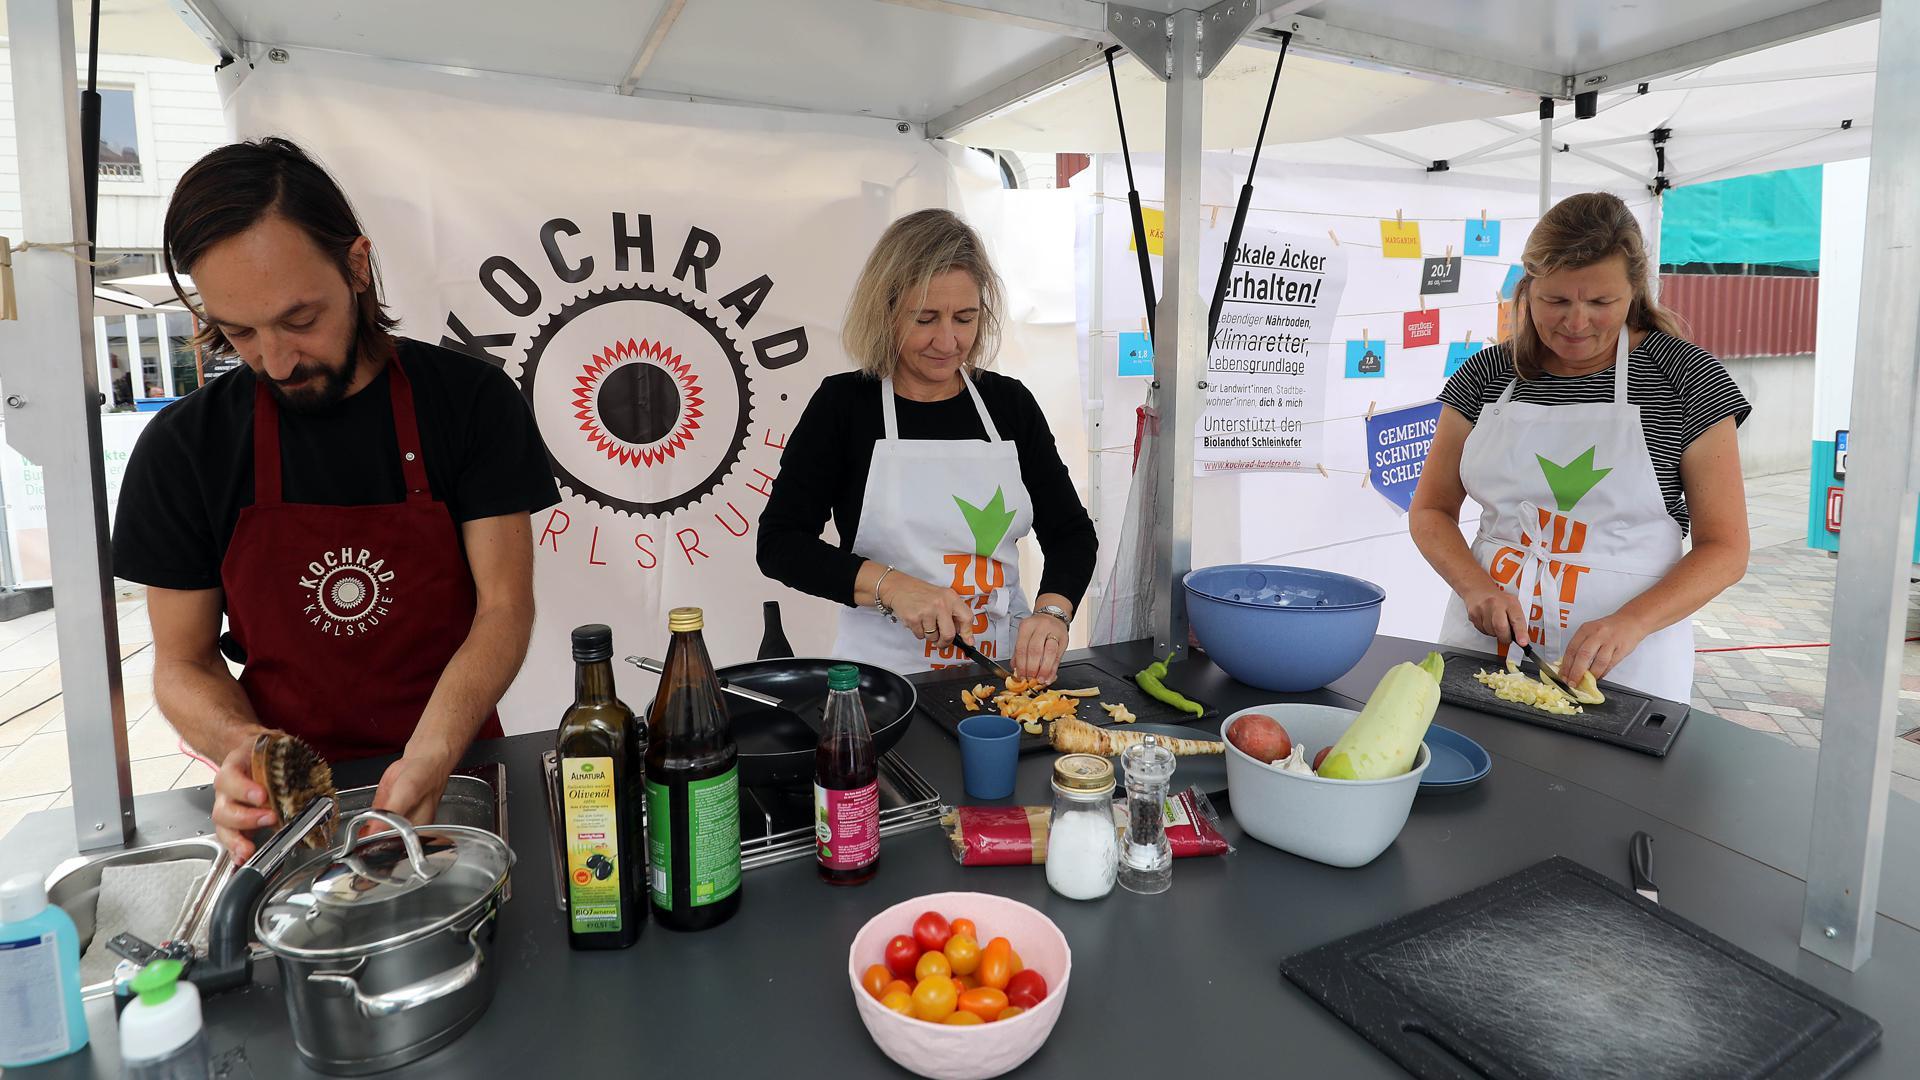 Zuccini, Paprika und Co: Ronny Holzmüller und seine Assistentinnen Iris und Sabine (von links) bereiten am Mittwoch auf dem Abendmarkt ein Gemüsepfännchen zu.